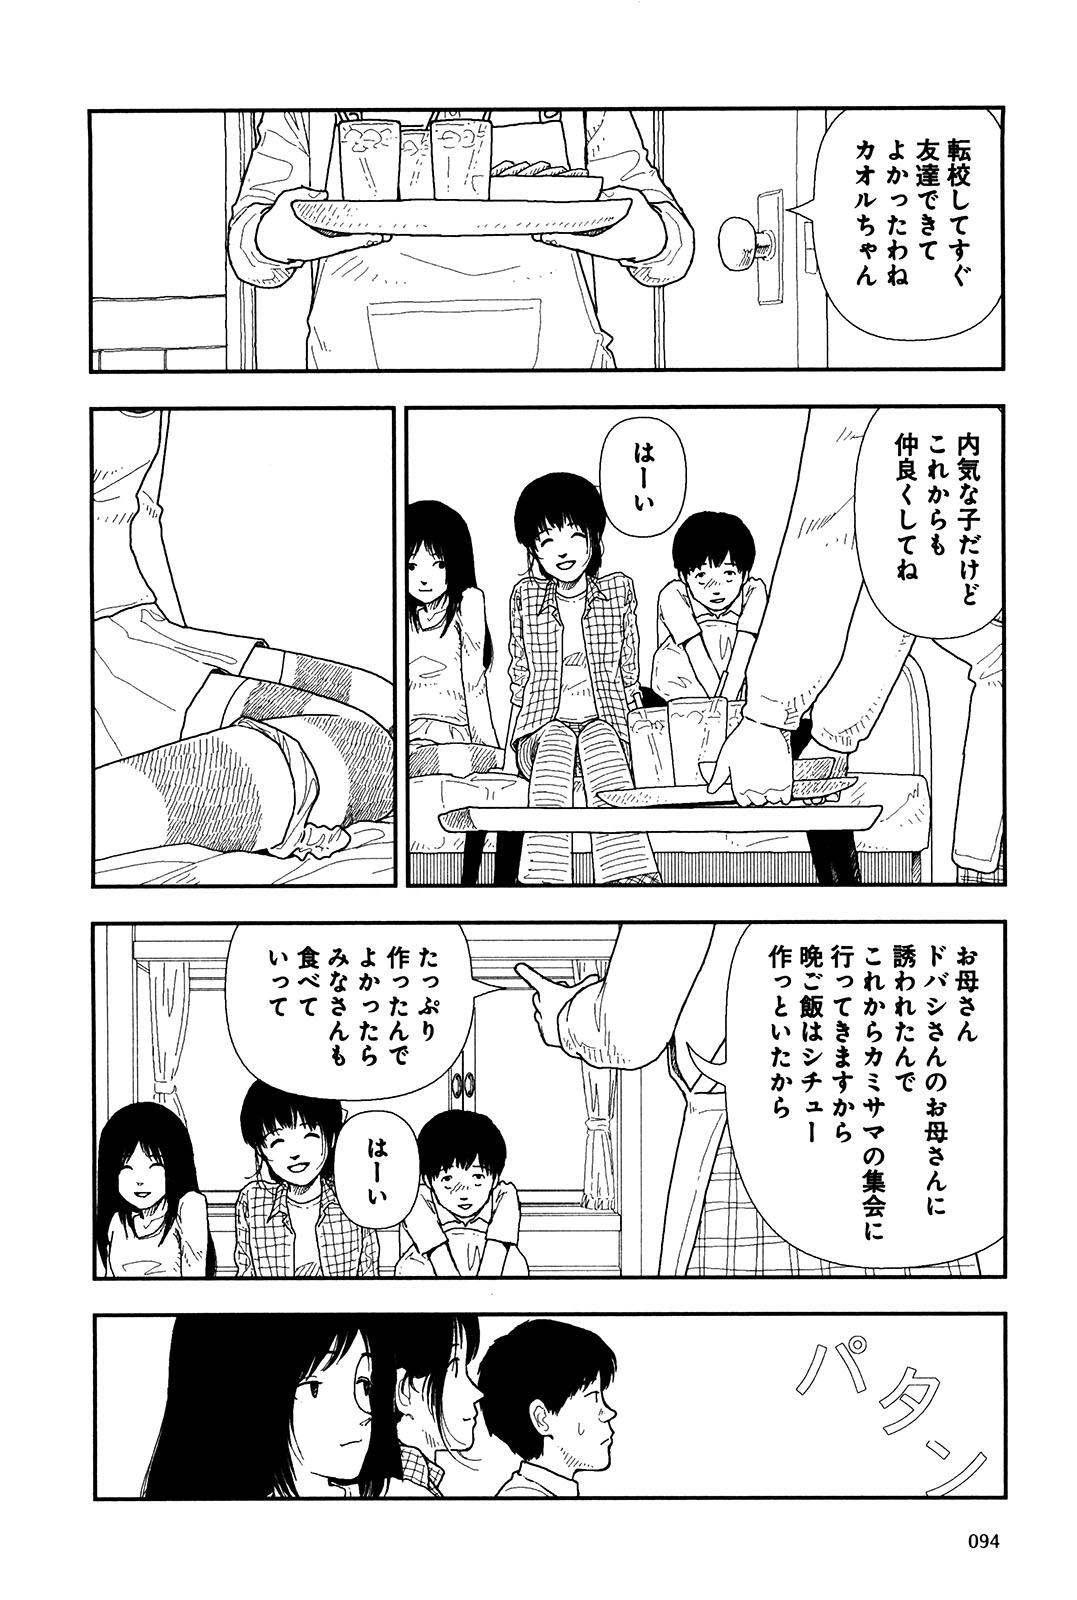 Bunkou no Hitotachi 1 95